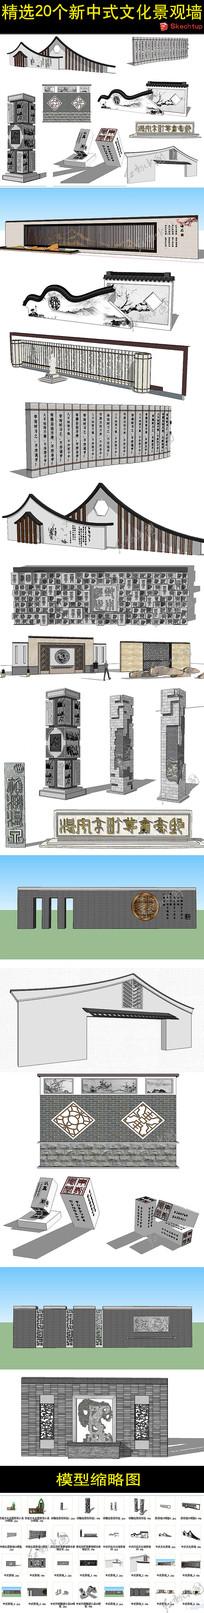 精选20个新中式文化景观墙